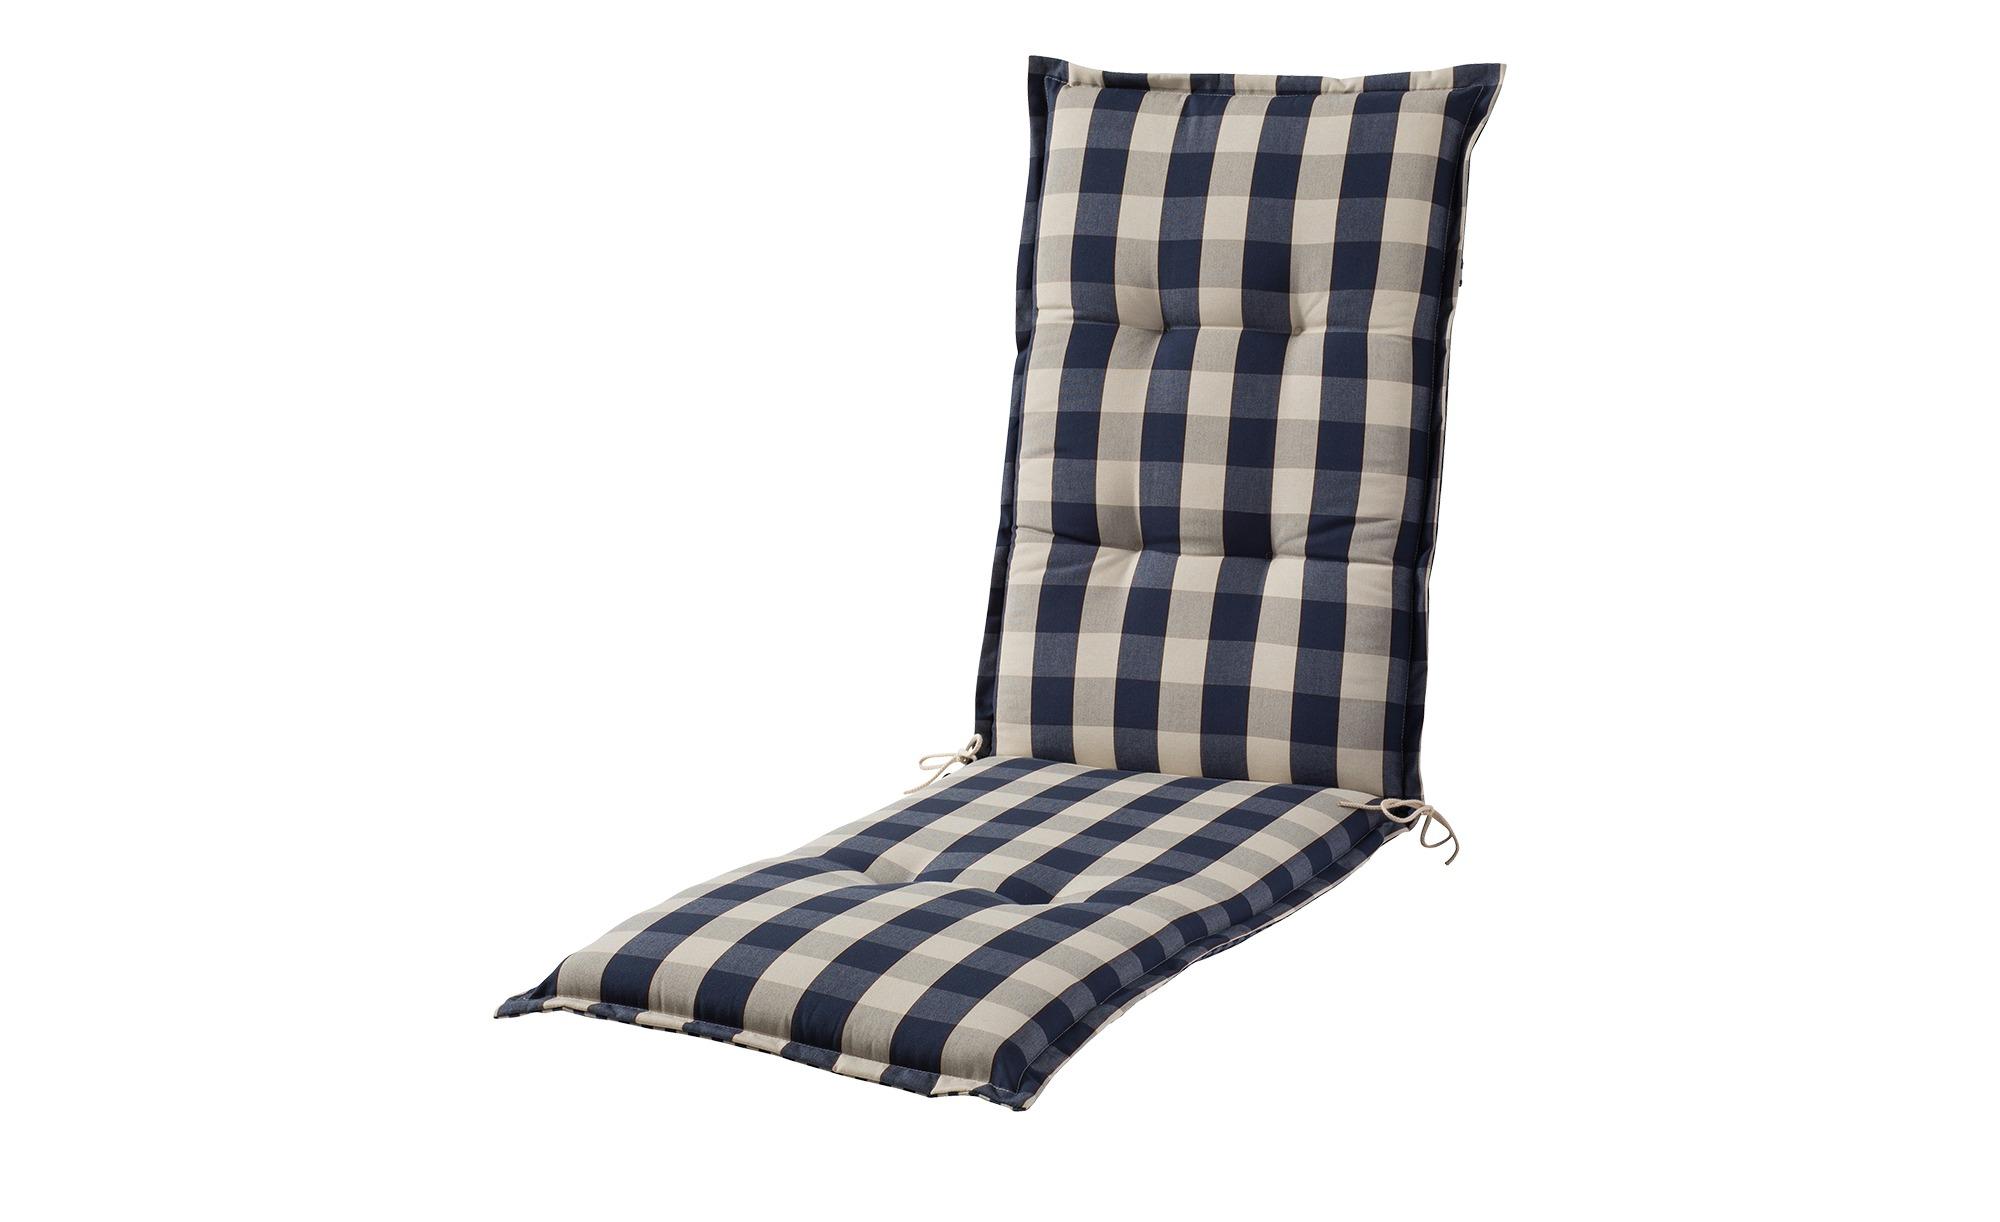 Relaxauflage  Kent ¦ blau ¦ Webkaro, 100% Dralon (Polyacryl) ¦ Maße (cm): B: 50 H: 8 Garten > Auflagen & Kissen > Sonstige Sitzkissen - Höffner